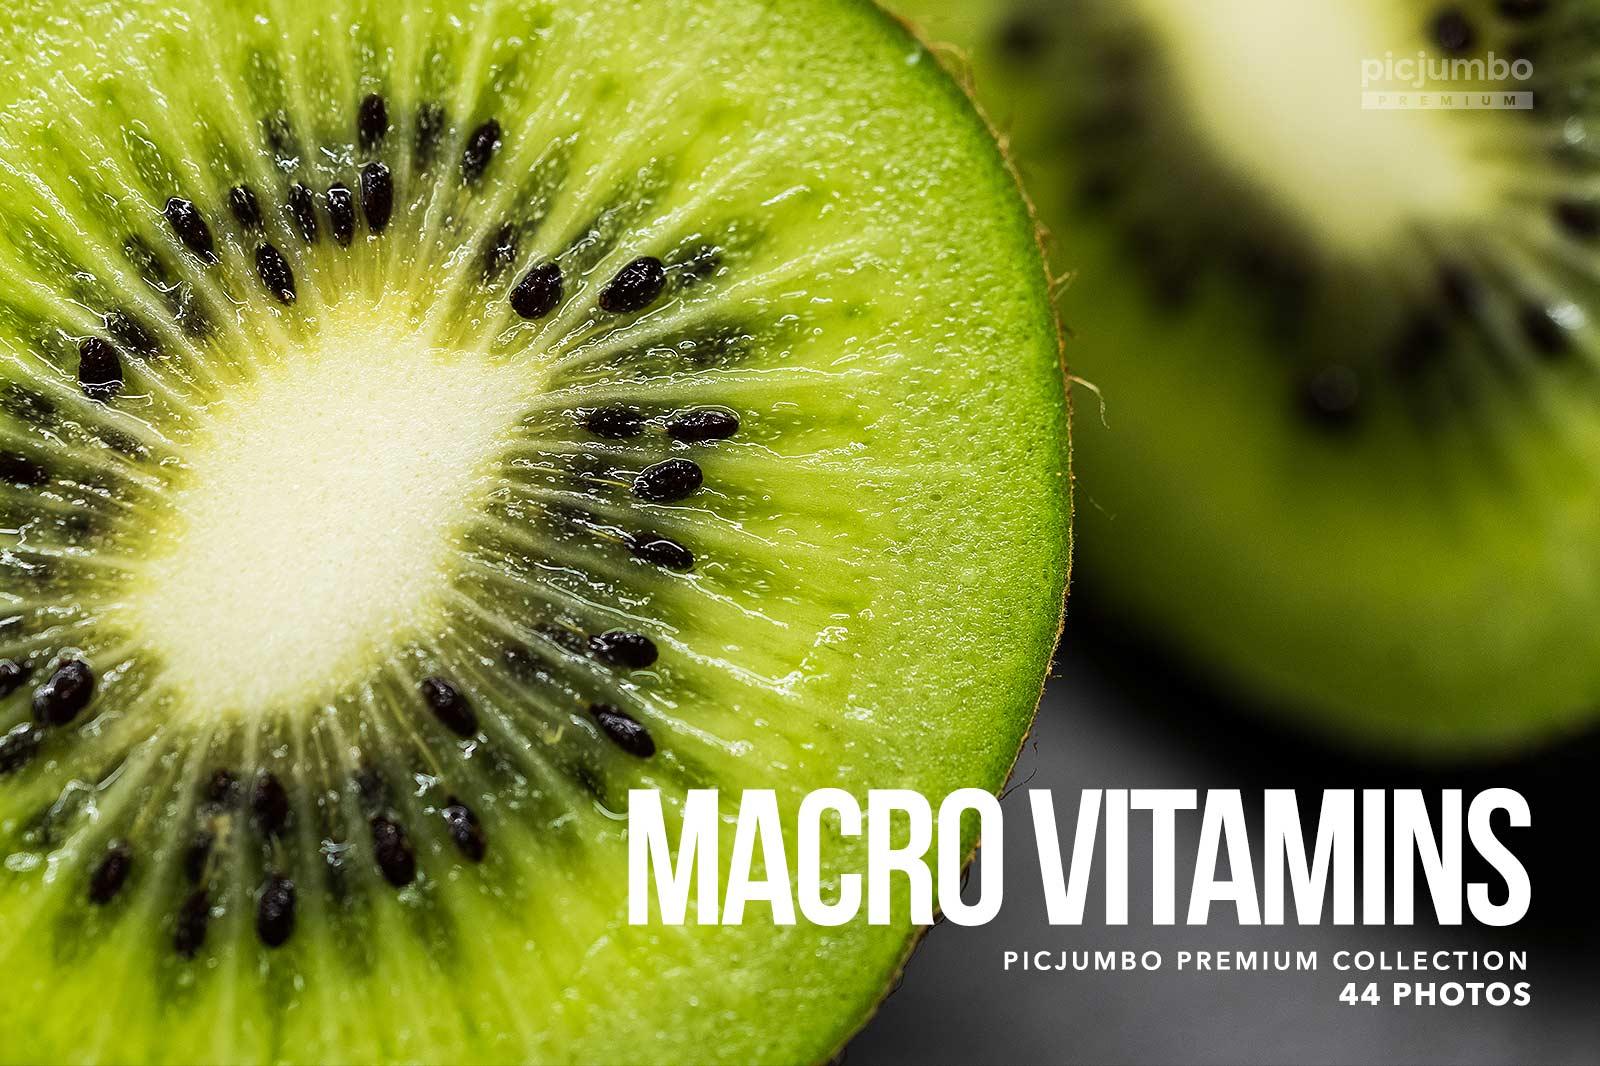 kiwi-macro-vitamins-stock-photo-collecti